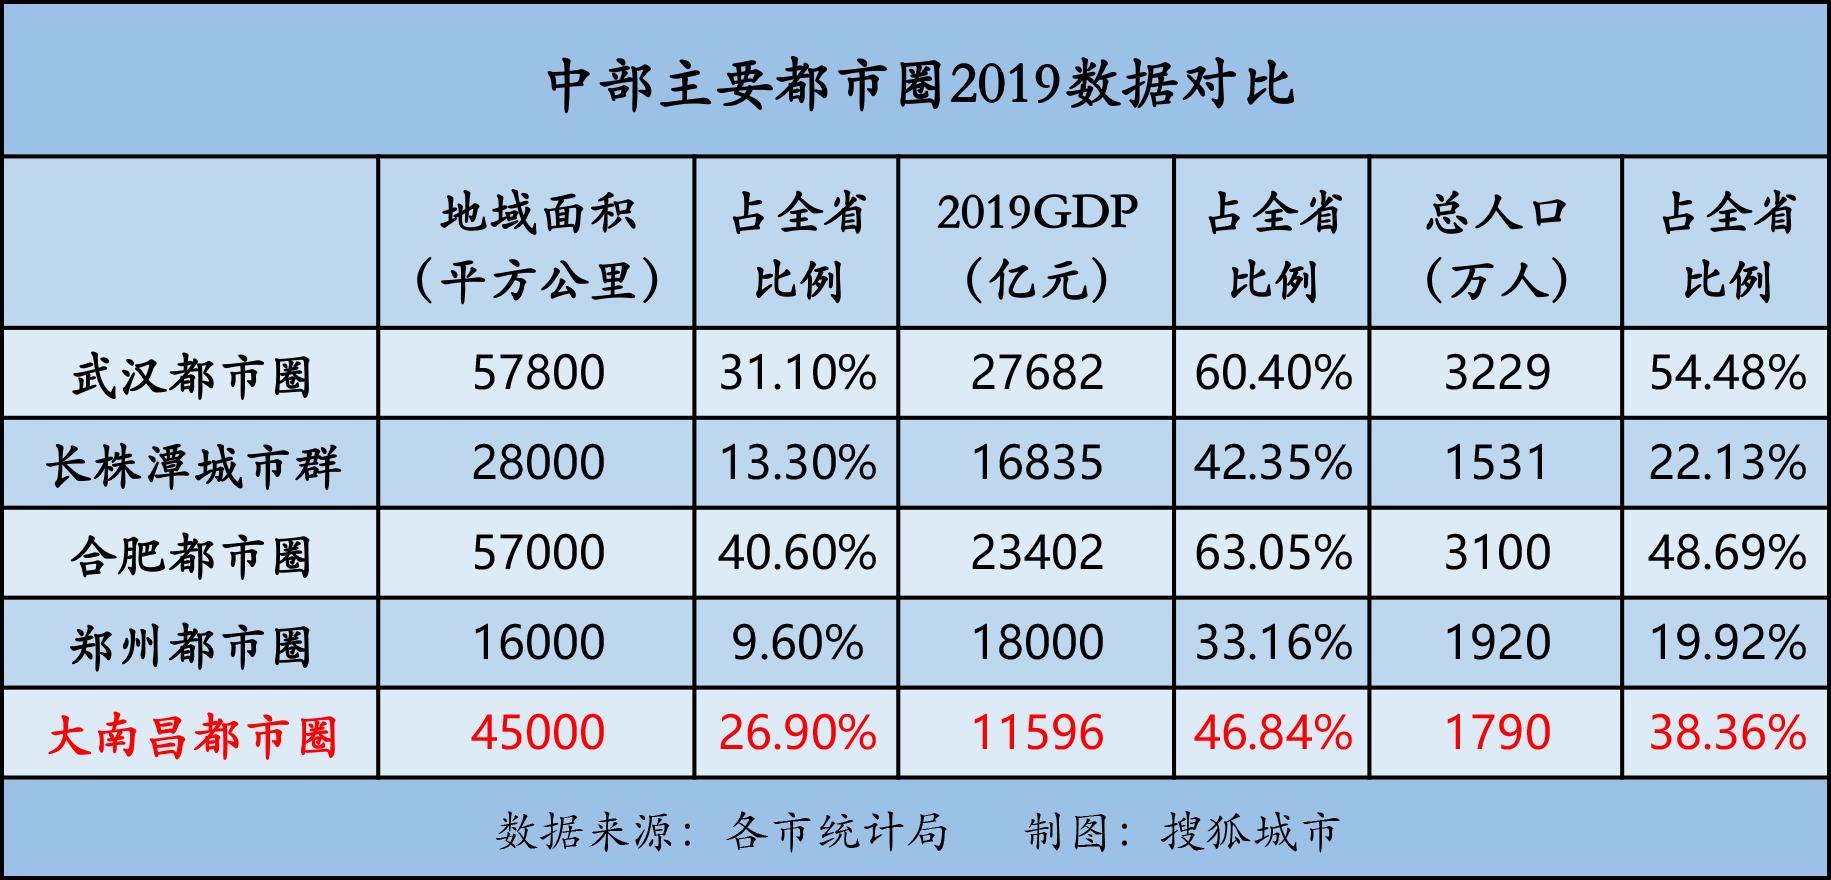 江西南昌2019年经济总量_江西南昌